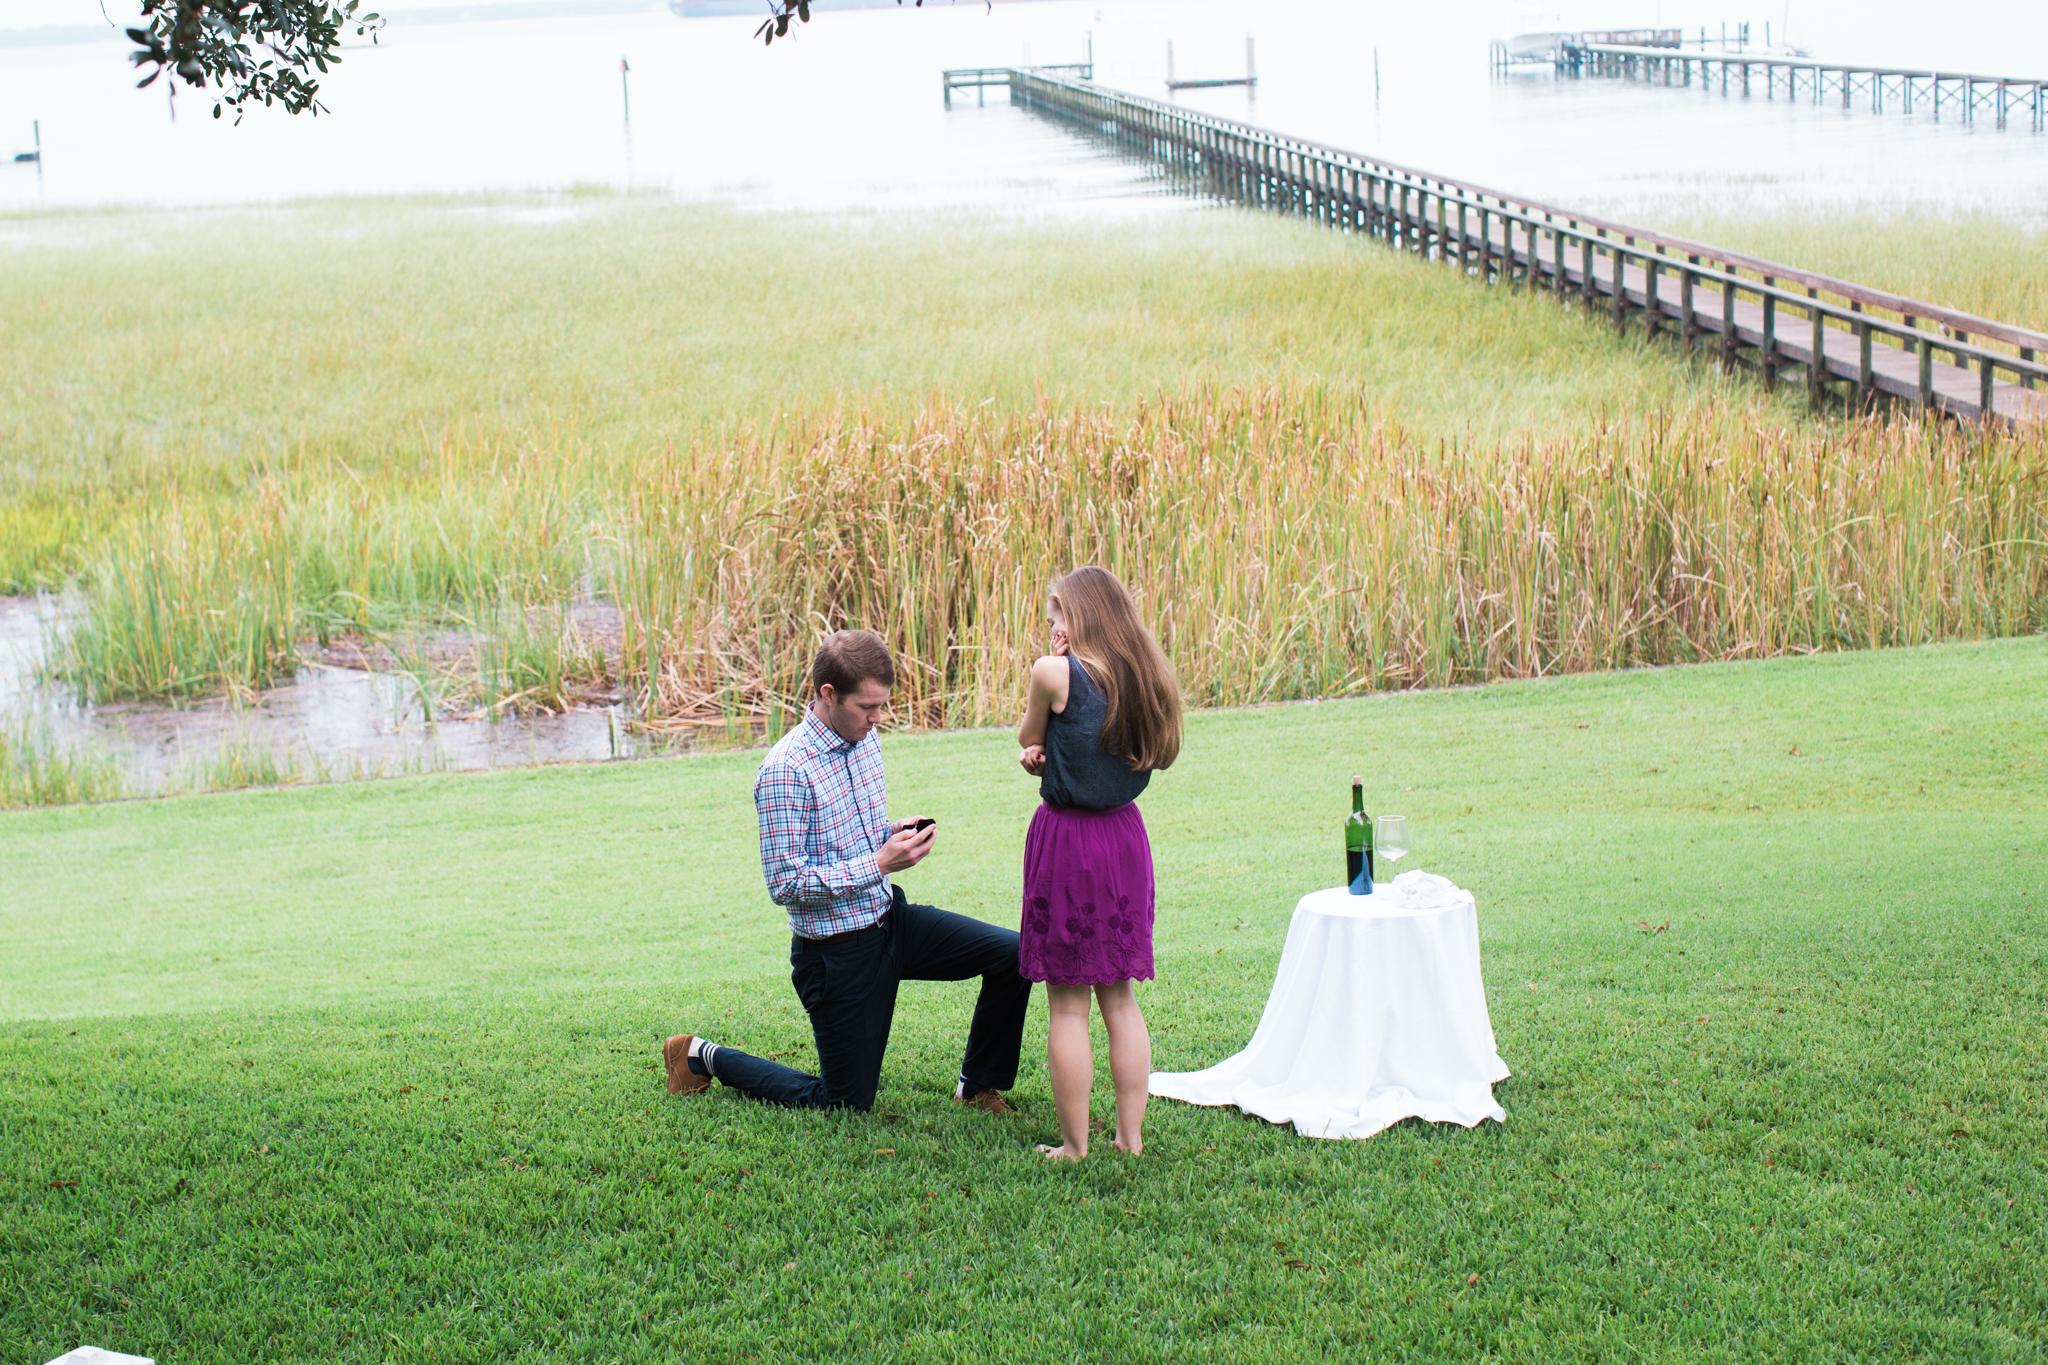 Greg-Allison-Charleston-Wedding-Photographer-Christina-Pugh-8.jpg